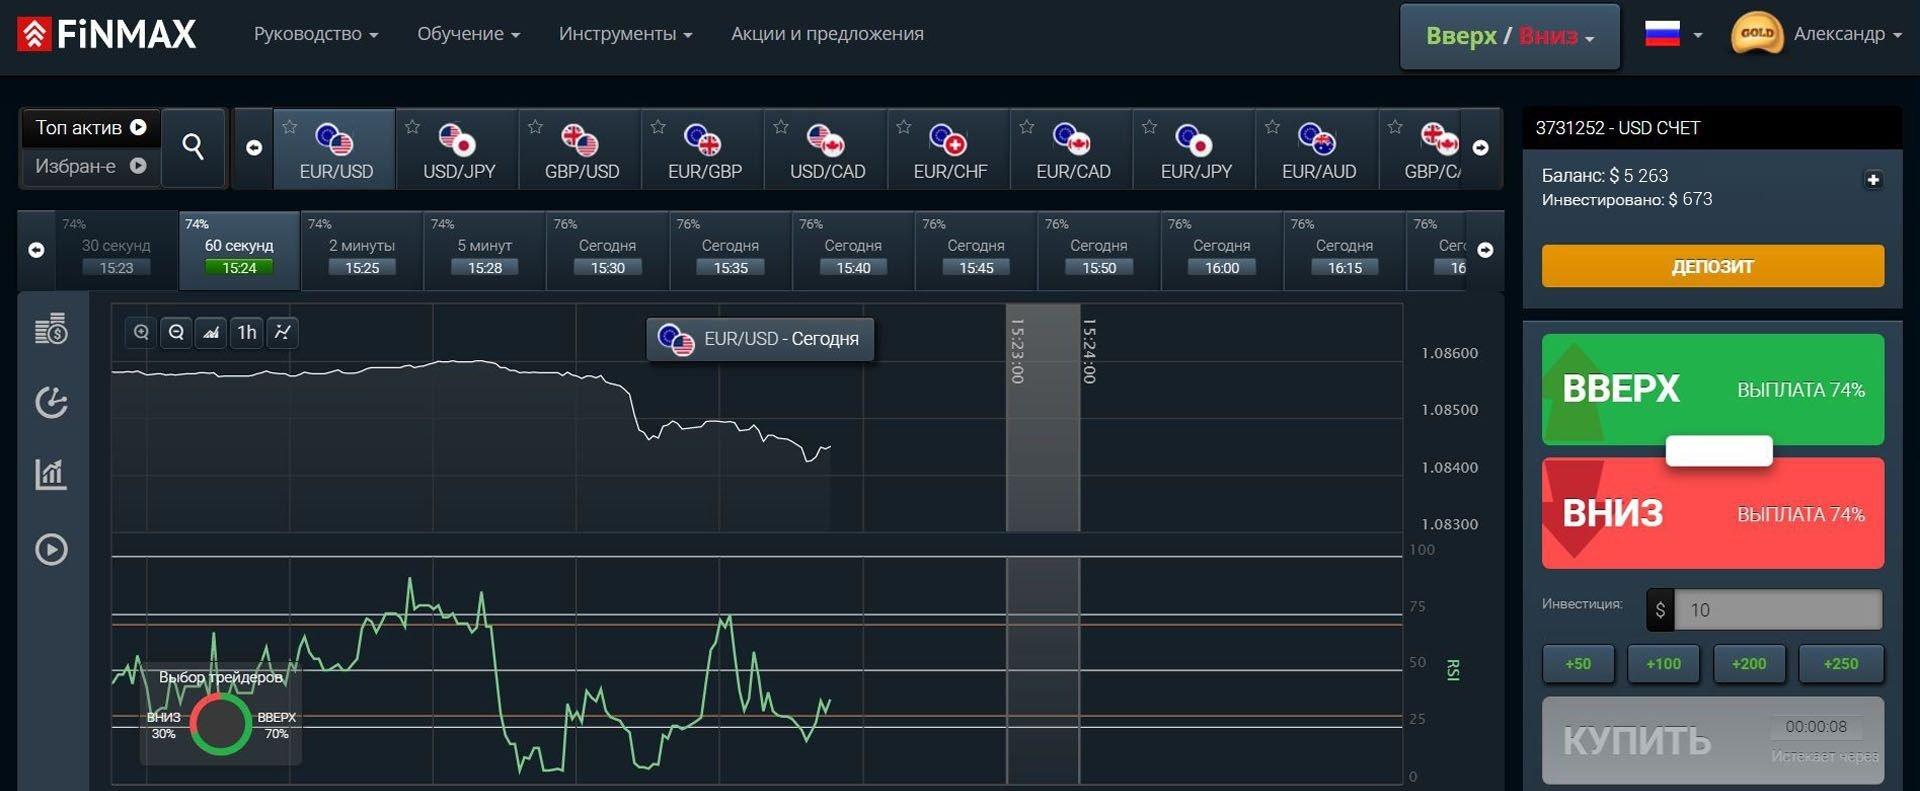 Сигналы торговли у индикатора StochRSI